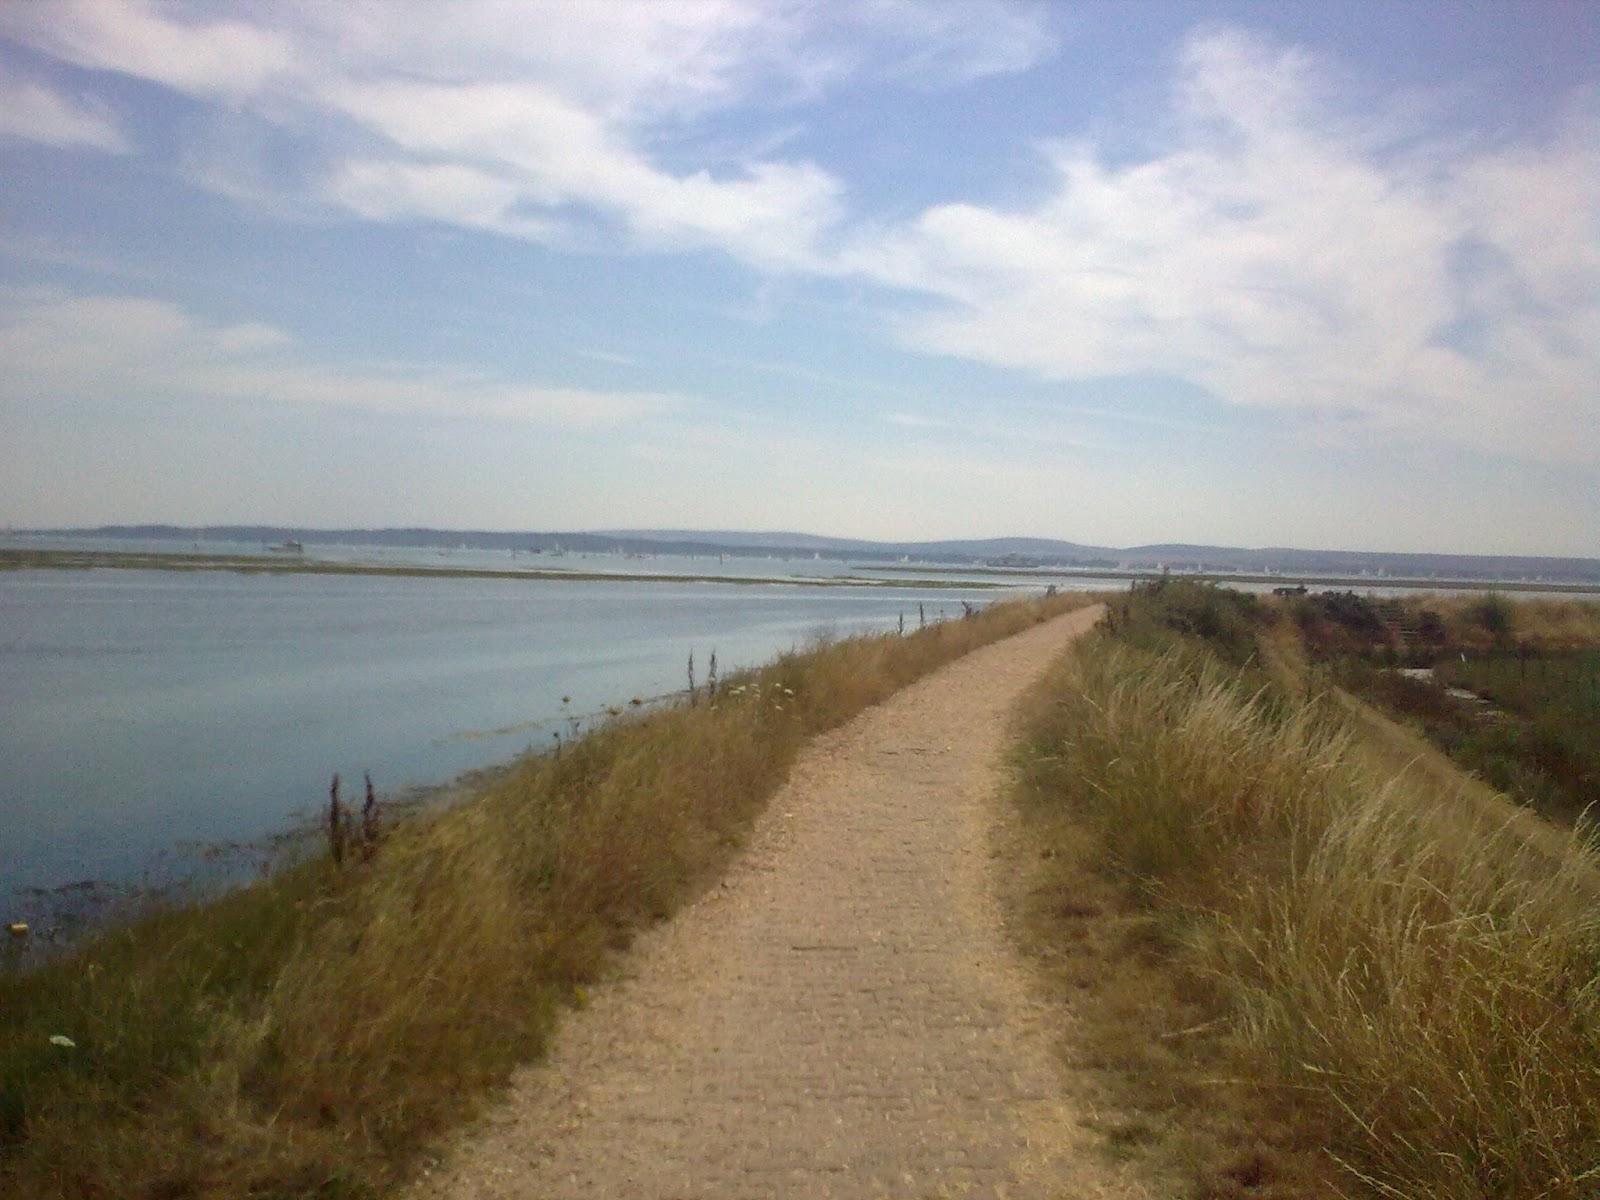 Image0311 coastla path past salt marshes